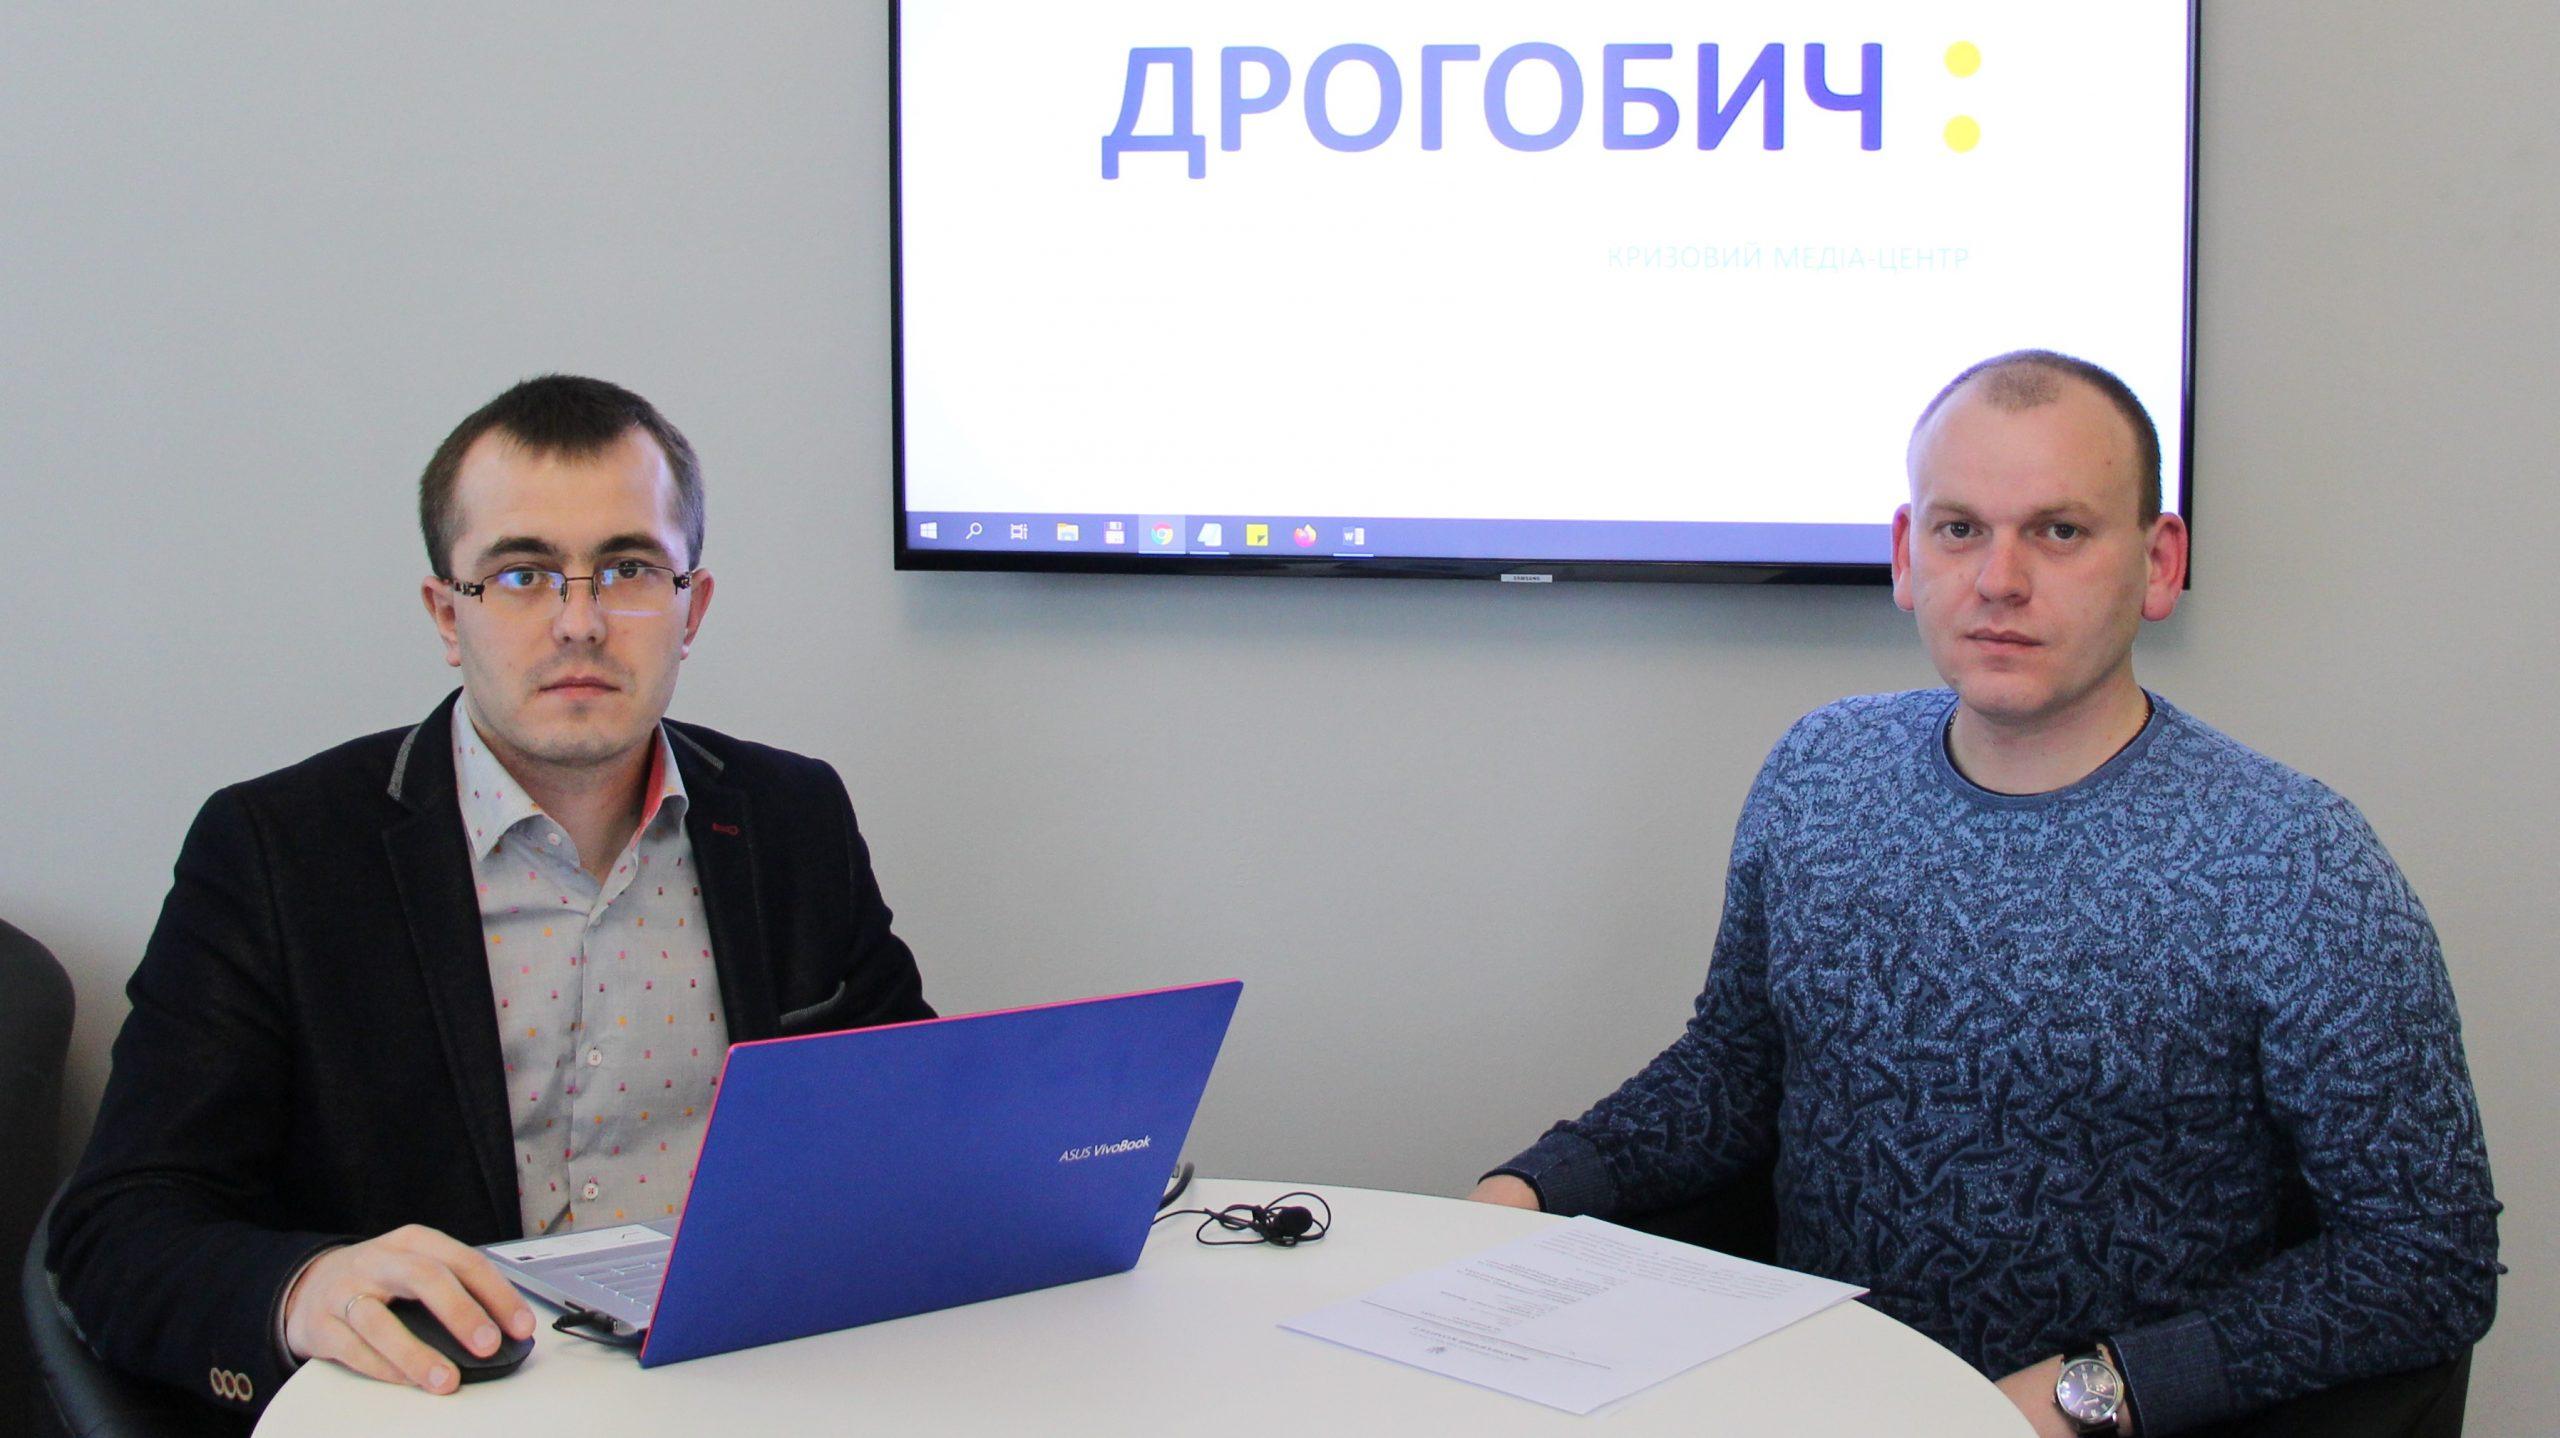 КМЦ «Дрогобич:»: Підсумки за день 25 березня